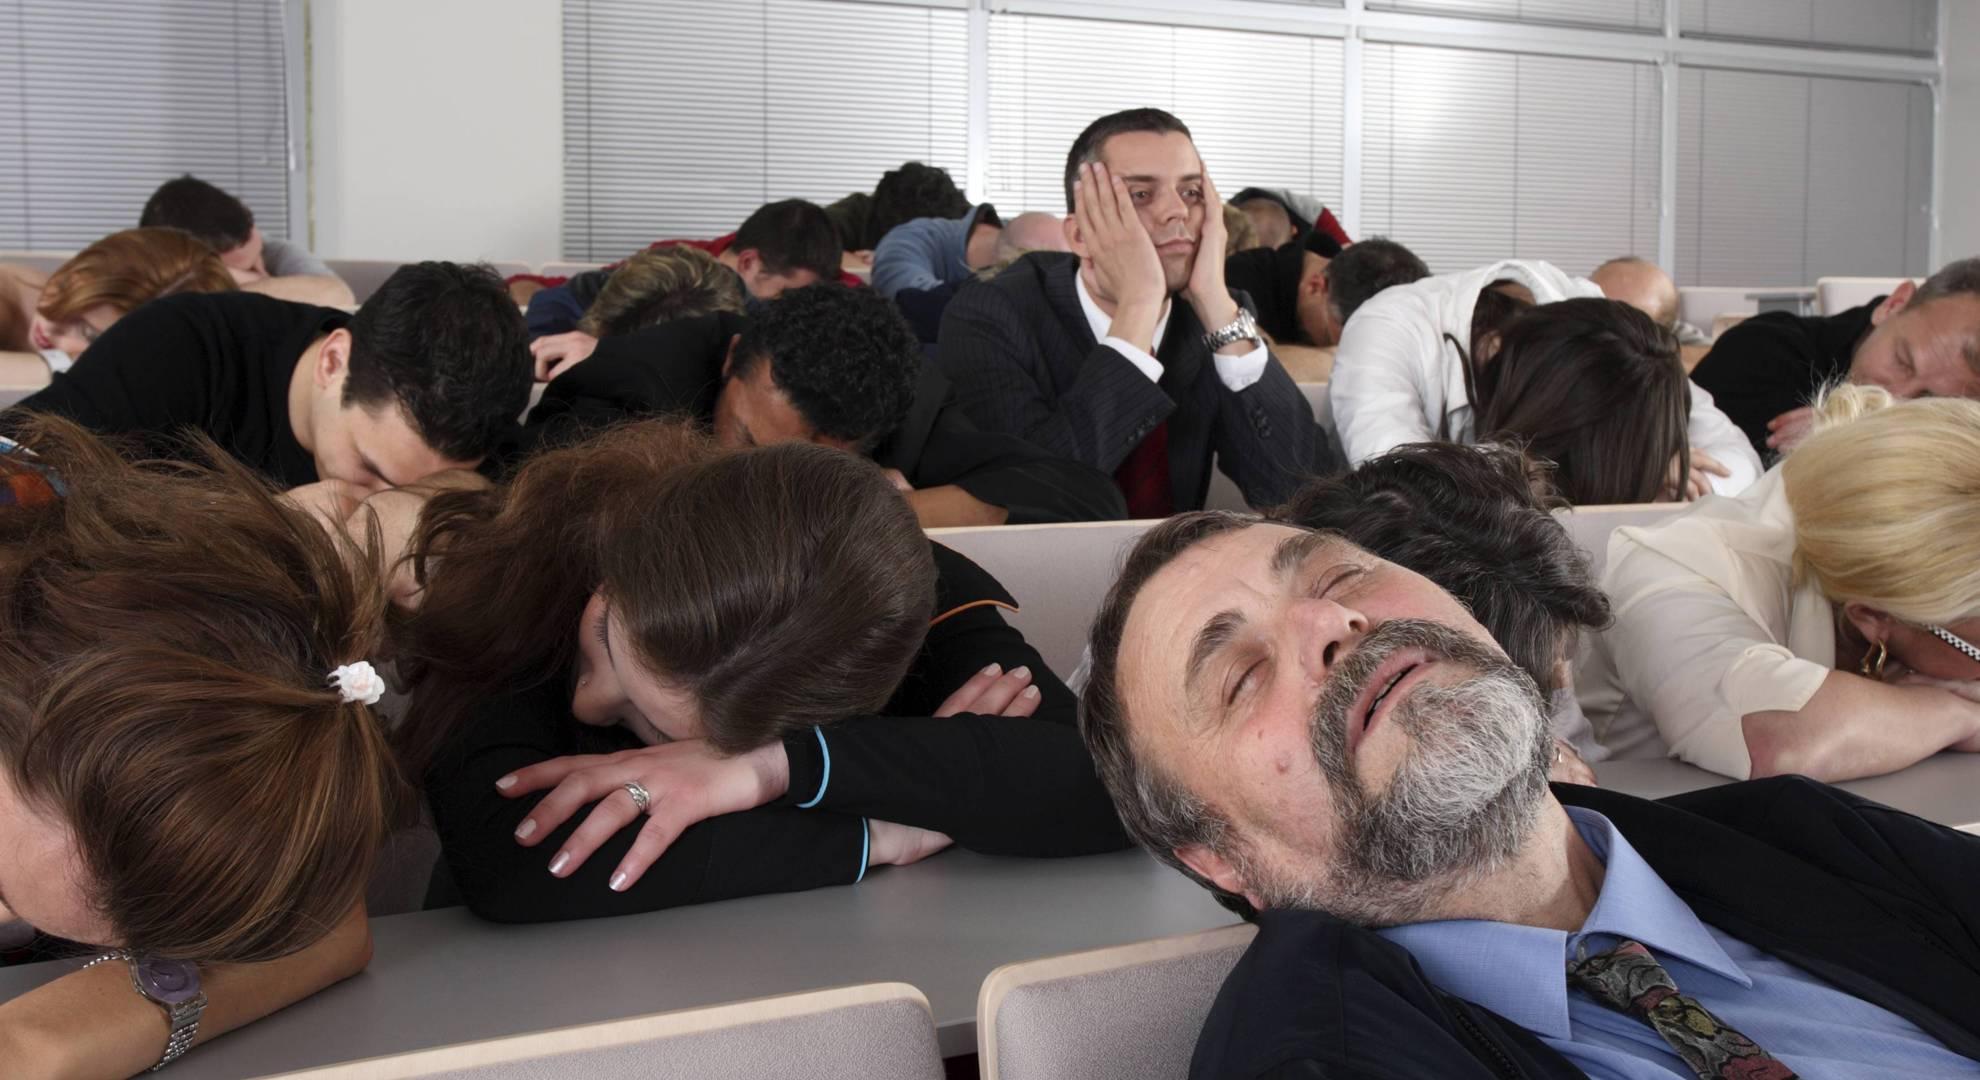 Présentation PowerPoint ennuyante